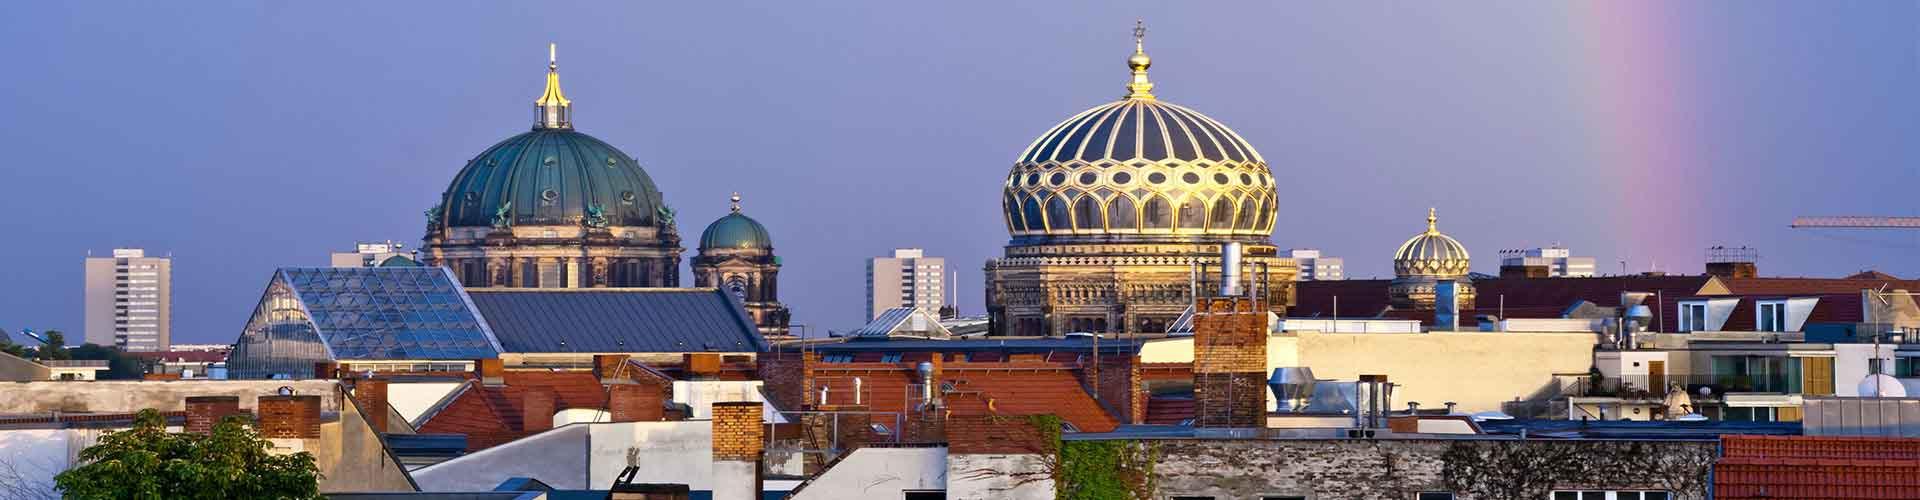 베를린 - 뉴 시나고그에 가까운 호스텔. 베를린의 지도, 베를린에 위치한 호스텔에 대한 사진 및 리뷰.